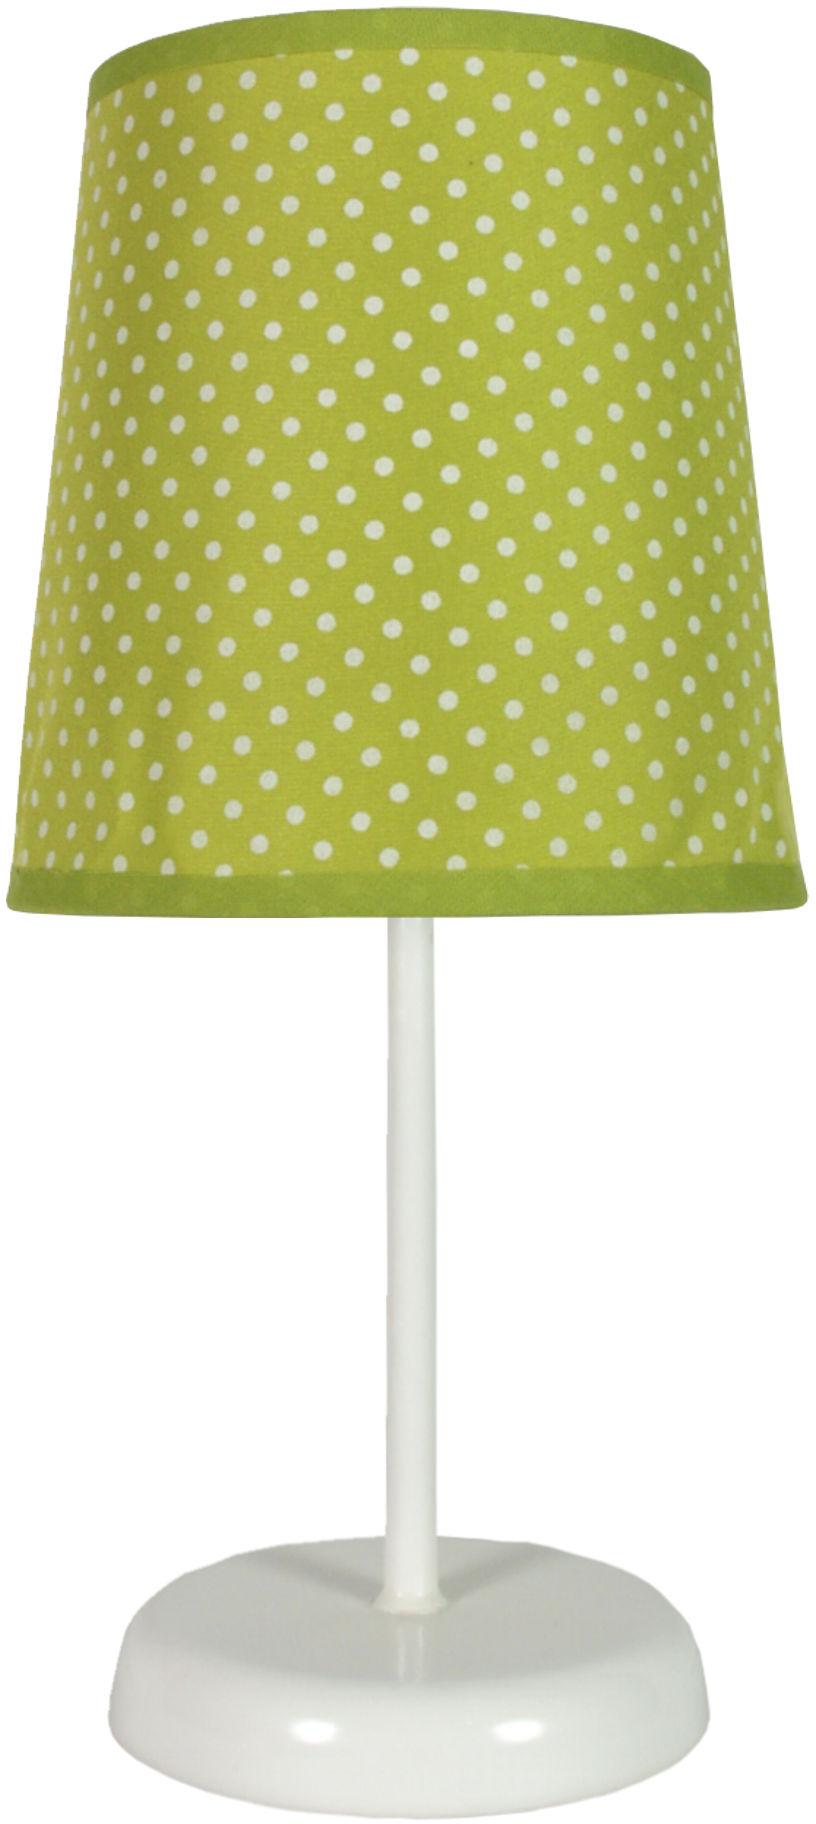 Candellux GALA 41-98262 lampa stołowa abażur zielona w kropki 1X40W E14 14 cm